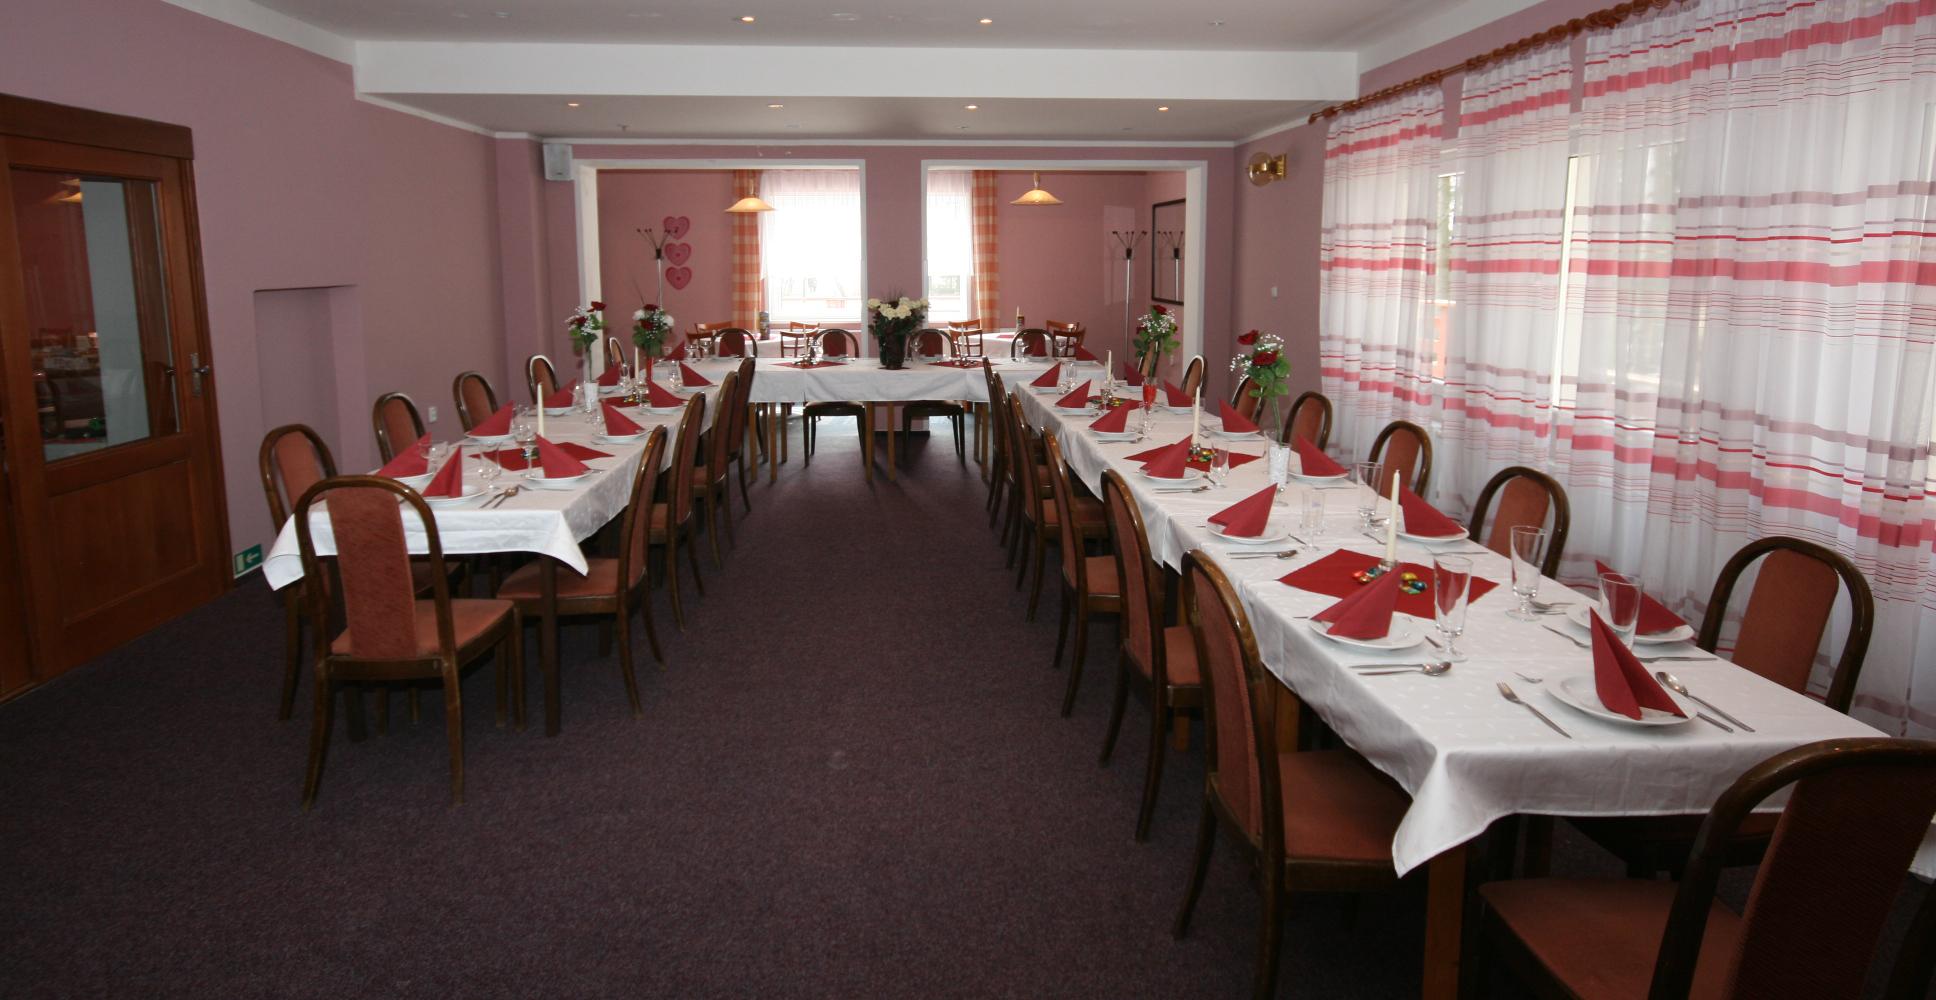 Bar v restauraci - Ubytování Františkovy Lázně - Hotel Zátiší Františkovy Lázně